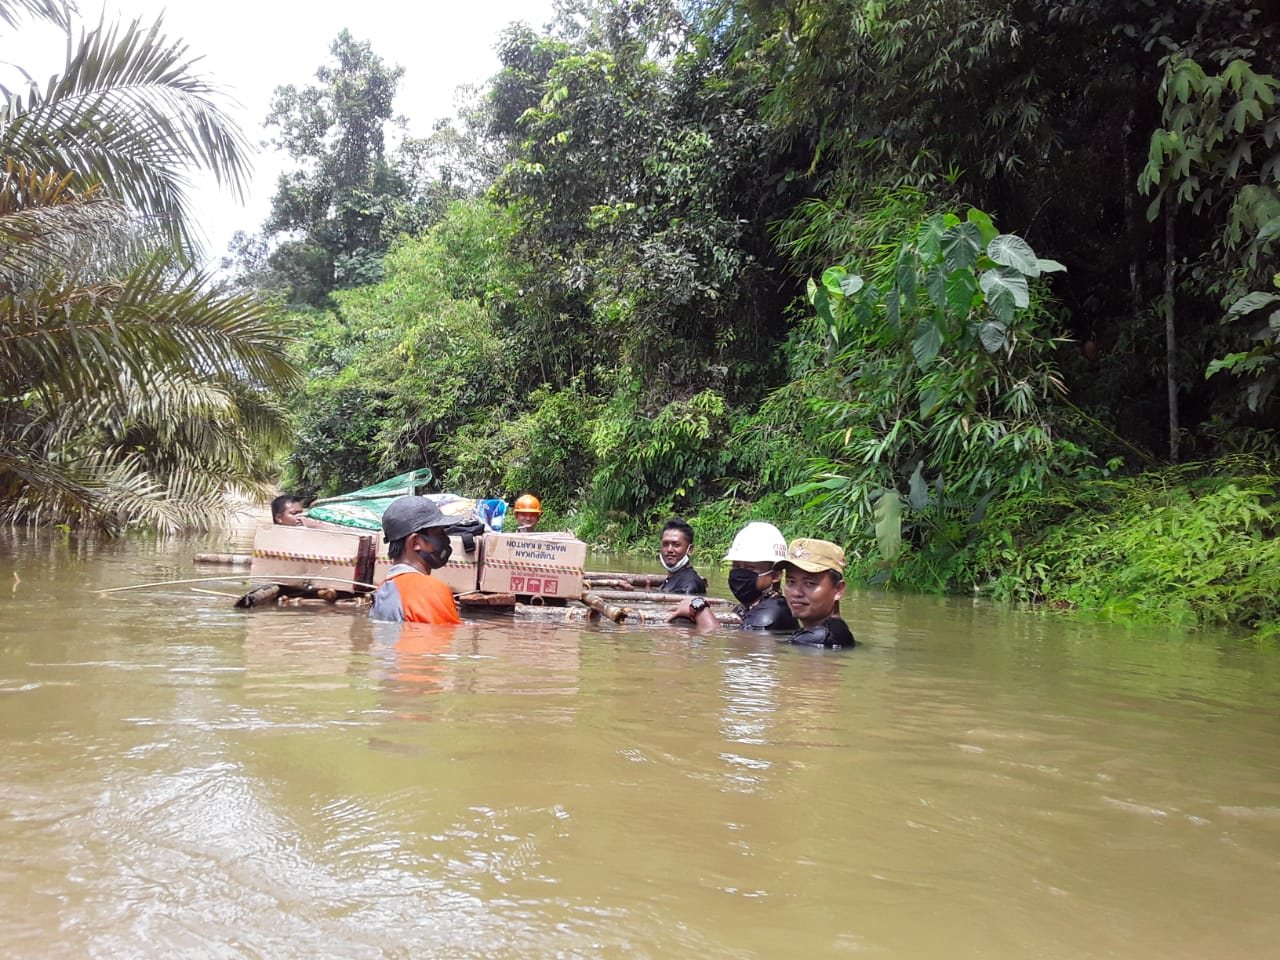 https: img.okezone.com content 2020 09 14 340 2277750 banjir-parah-terjang-ribuan-rumah-di-kotawaringin-timur-tanggap-darurat-bencana-ditetapkan-7jBTYY0fqM.jpg